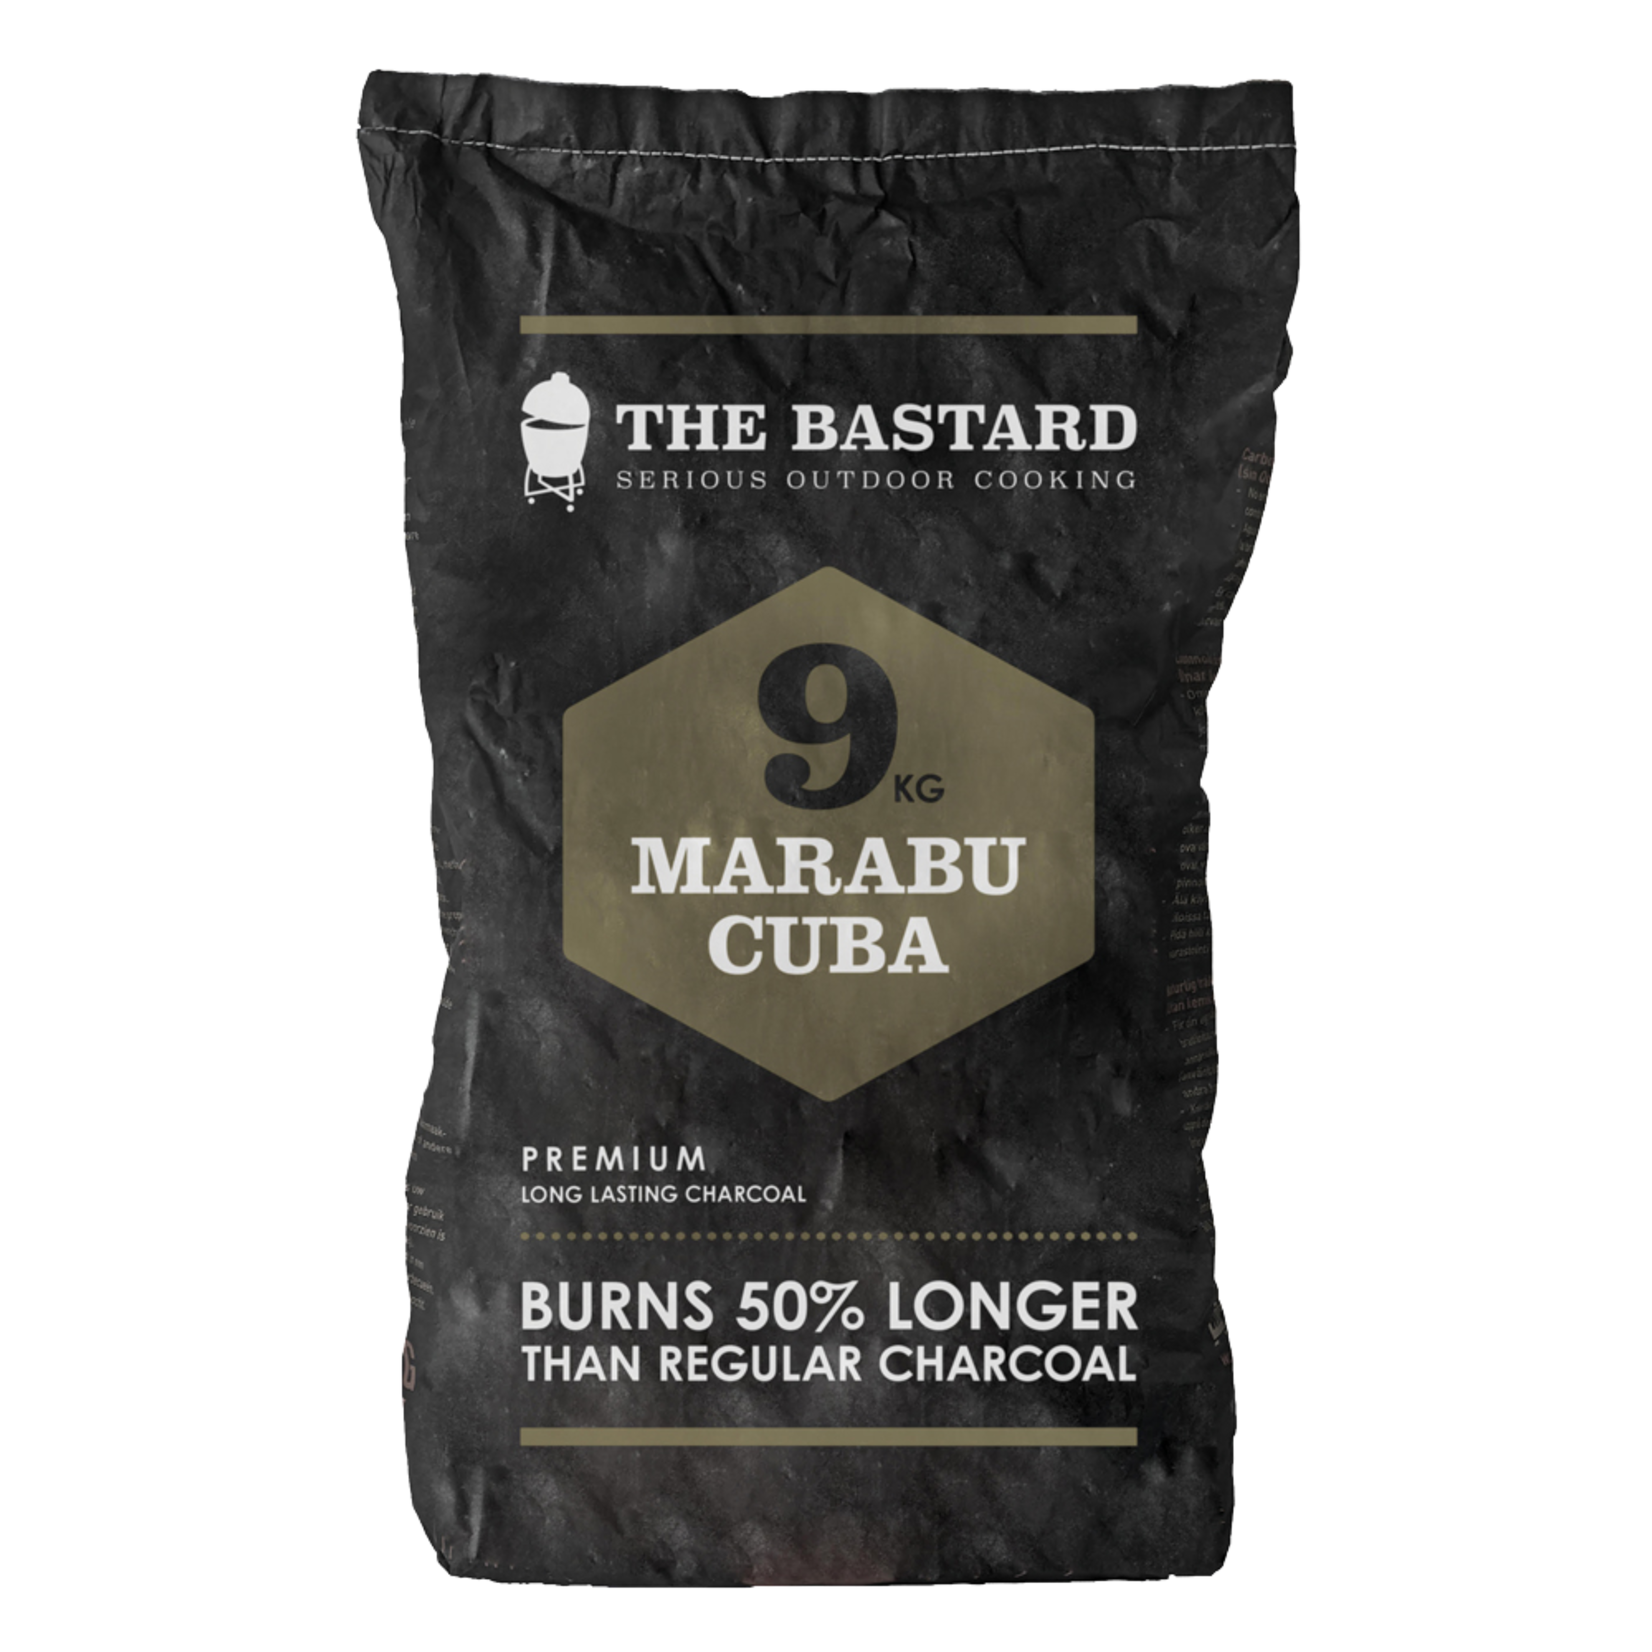 The Bastard The Bastard Charcoal Marabu 9 KG